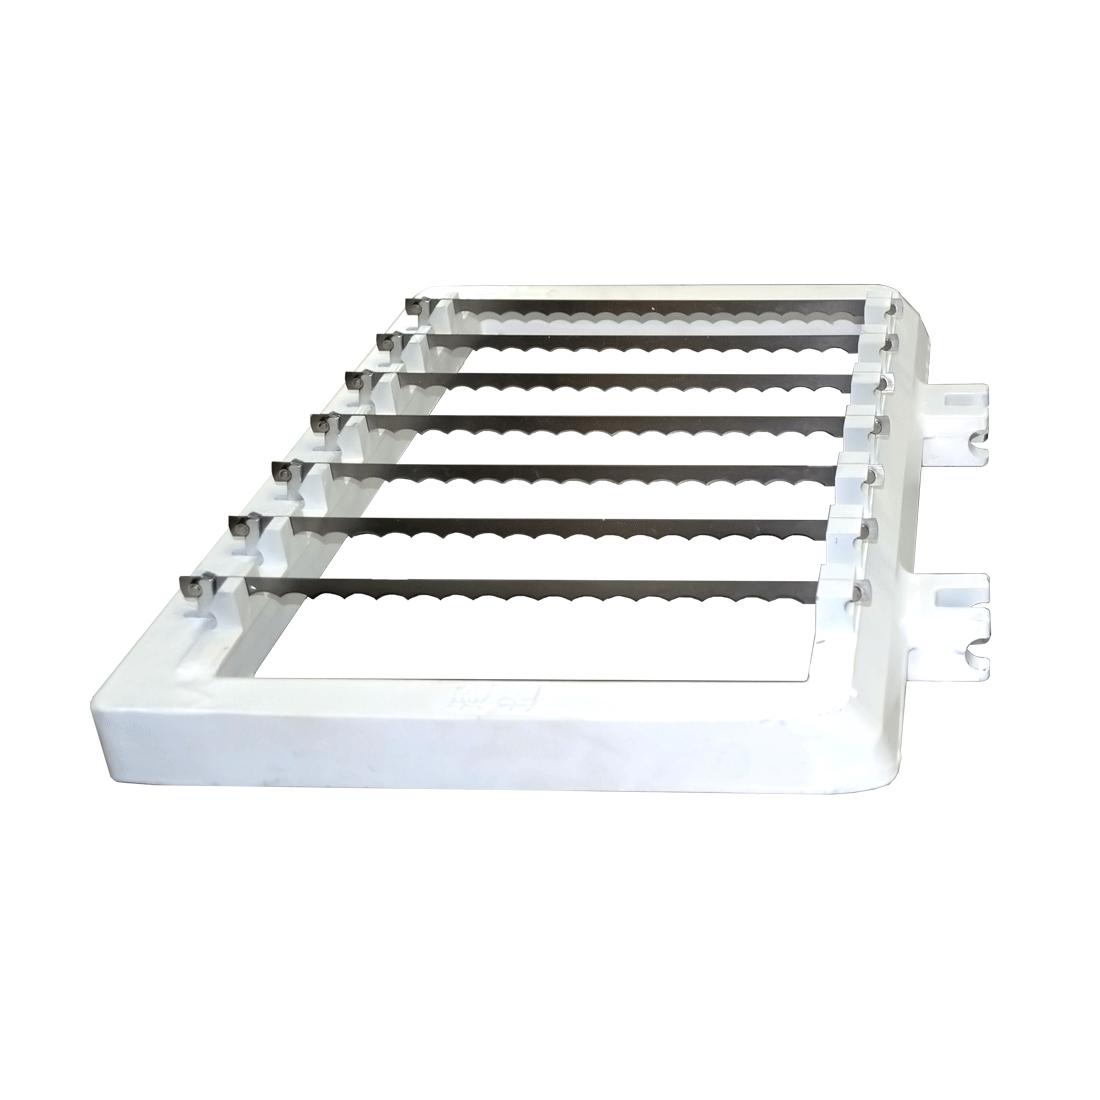 Cutter for bread slicer - JSL-31M-12